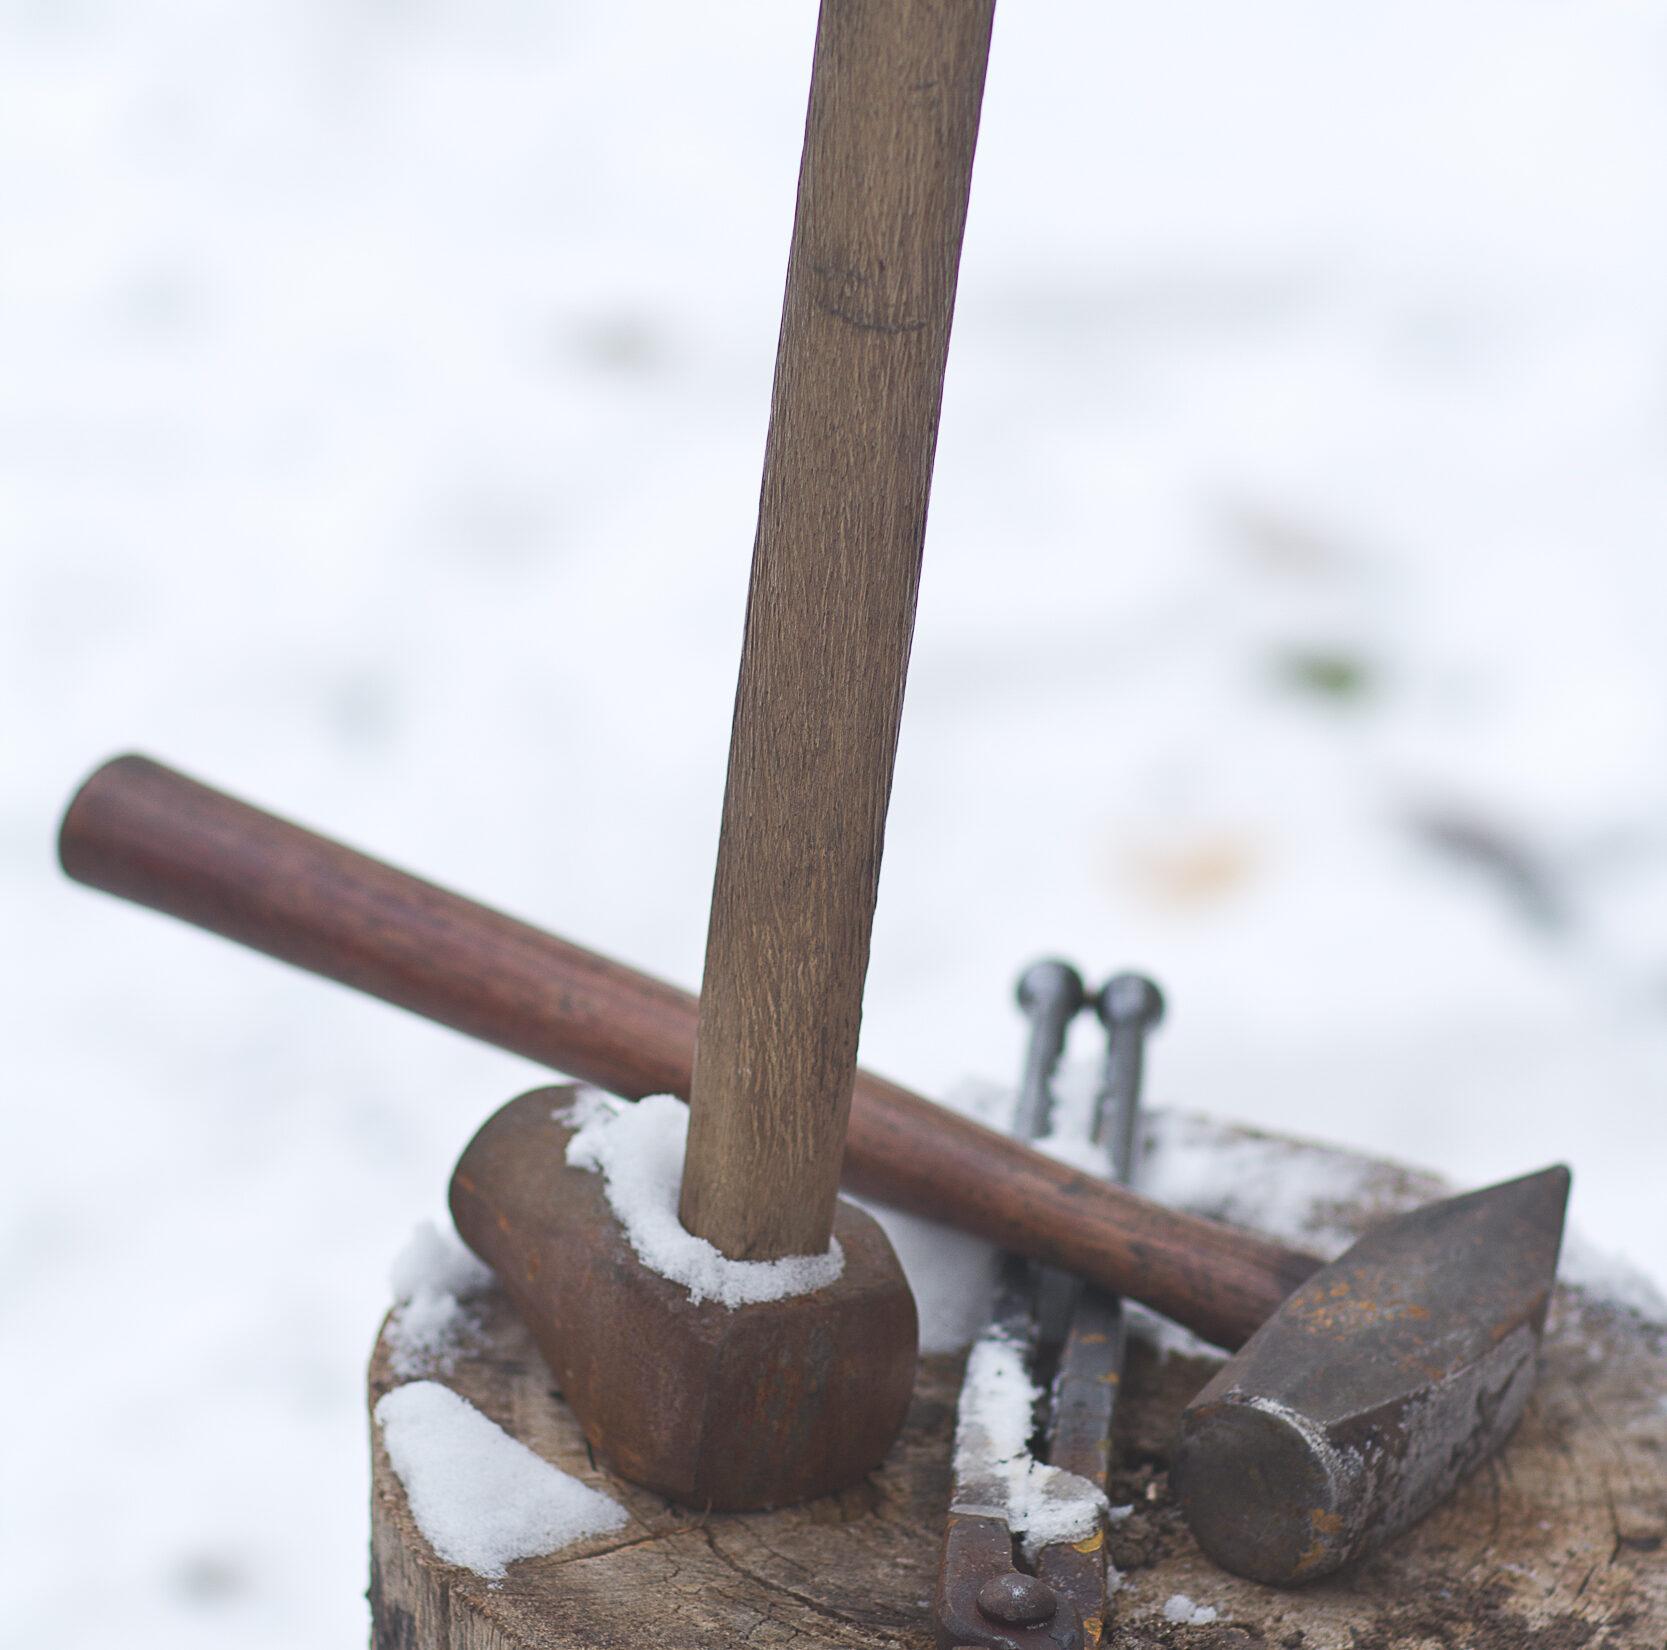 Snowed tools.